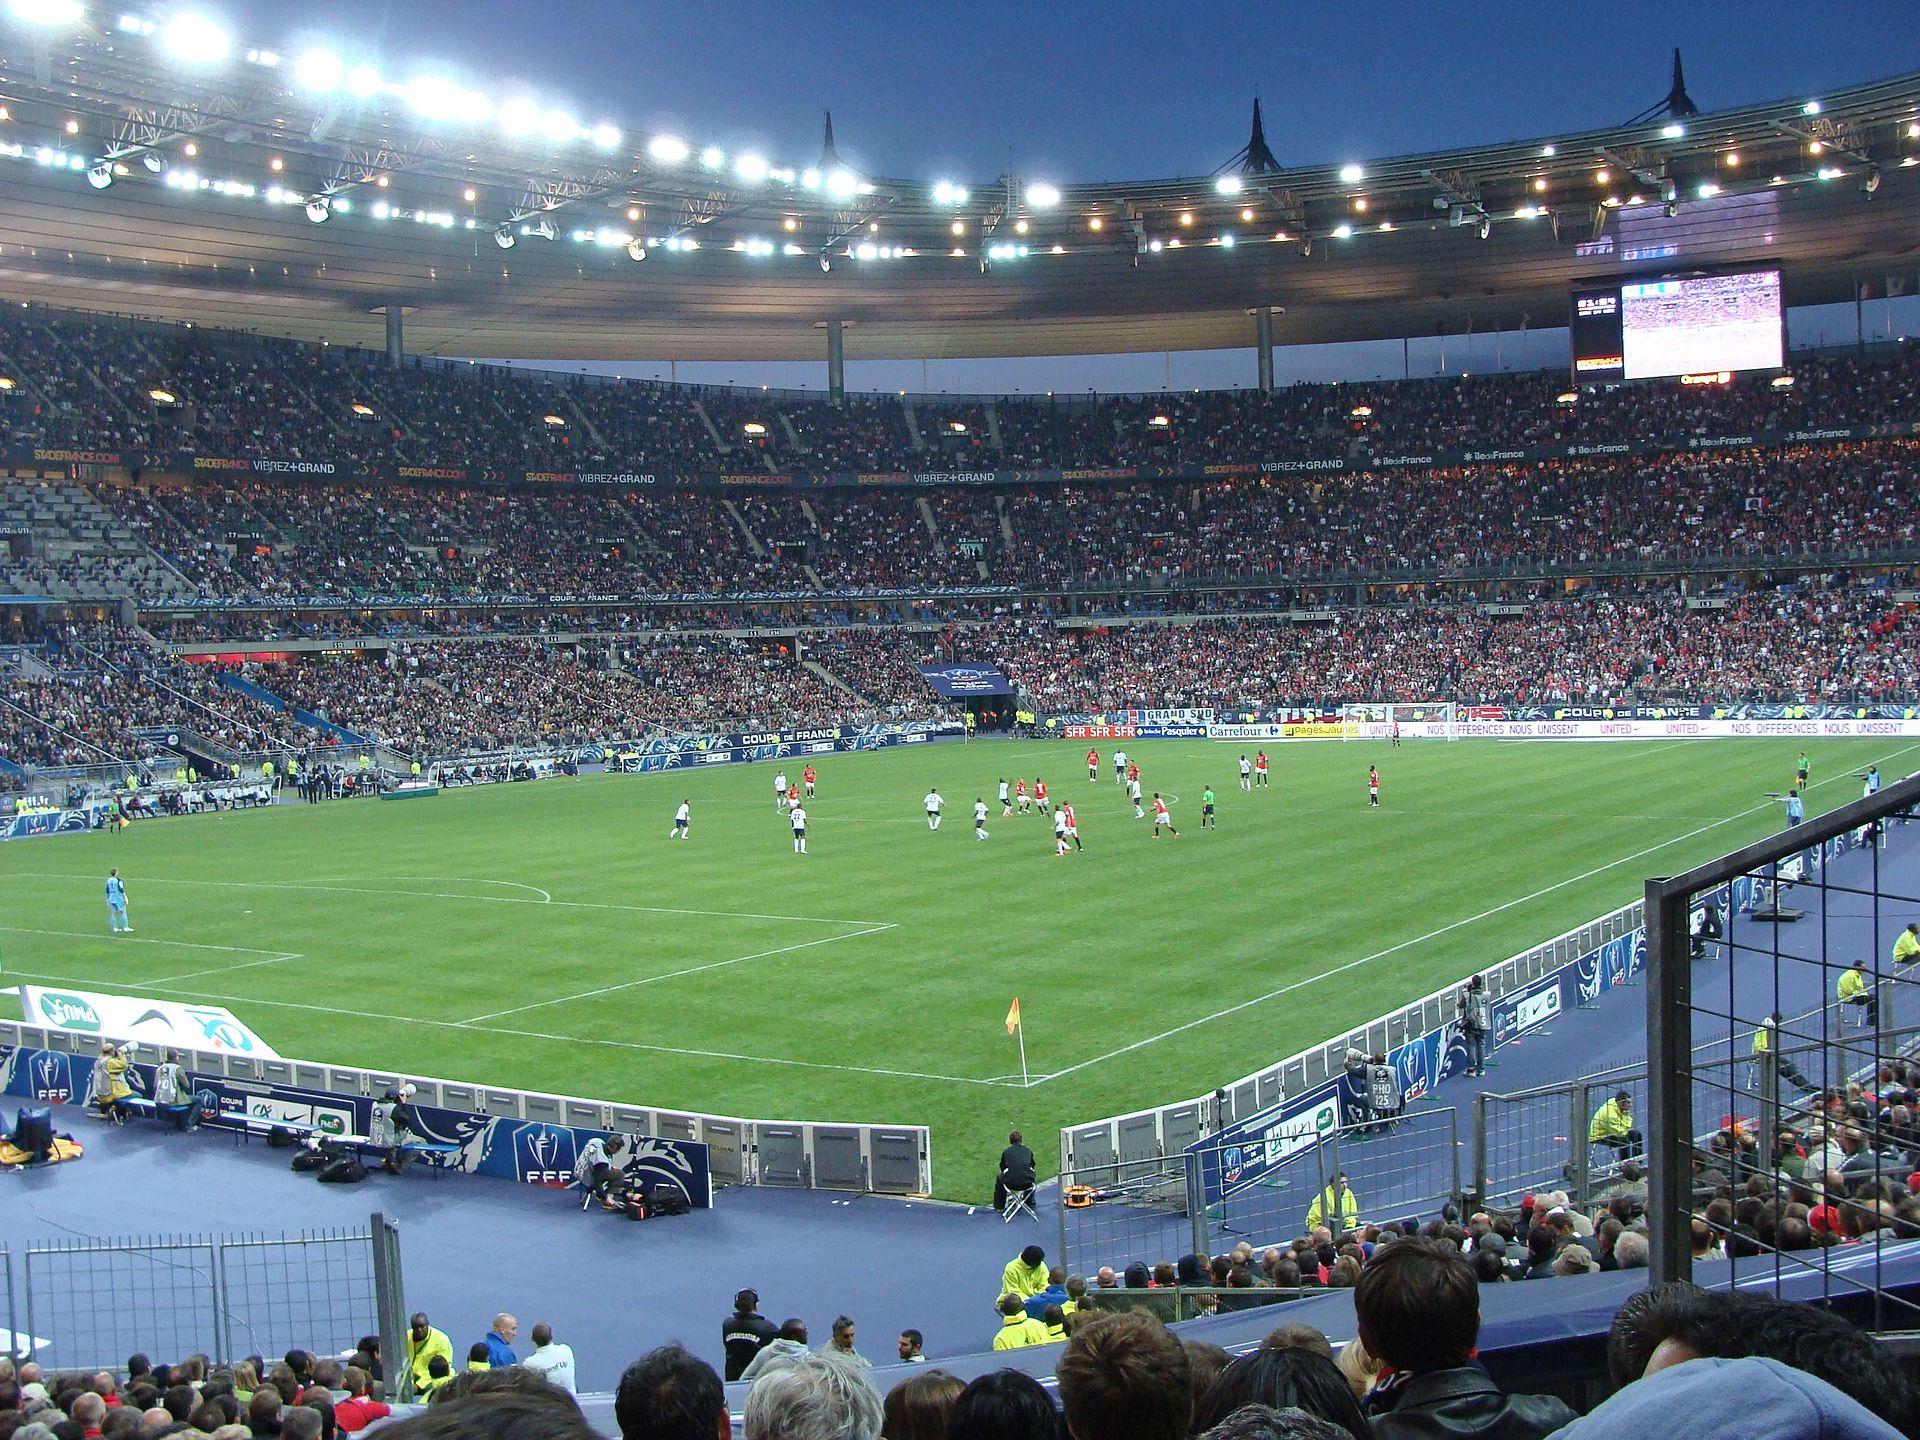 Finale du championnat d 39 europe de football 2016 wikip dia - Final coupe d europe 2008 ...